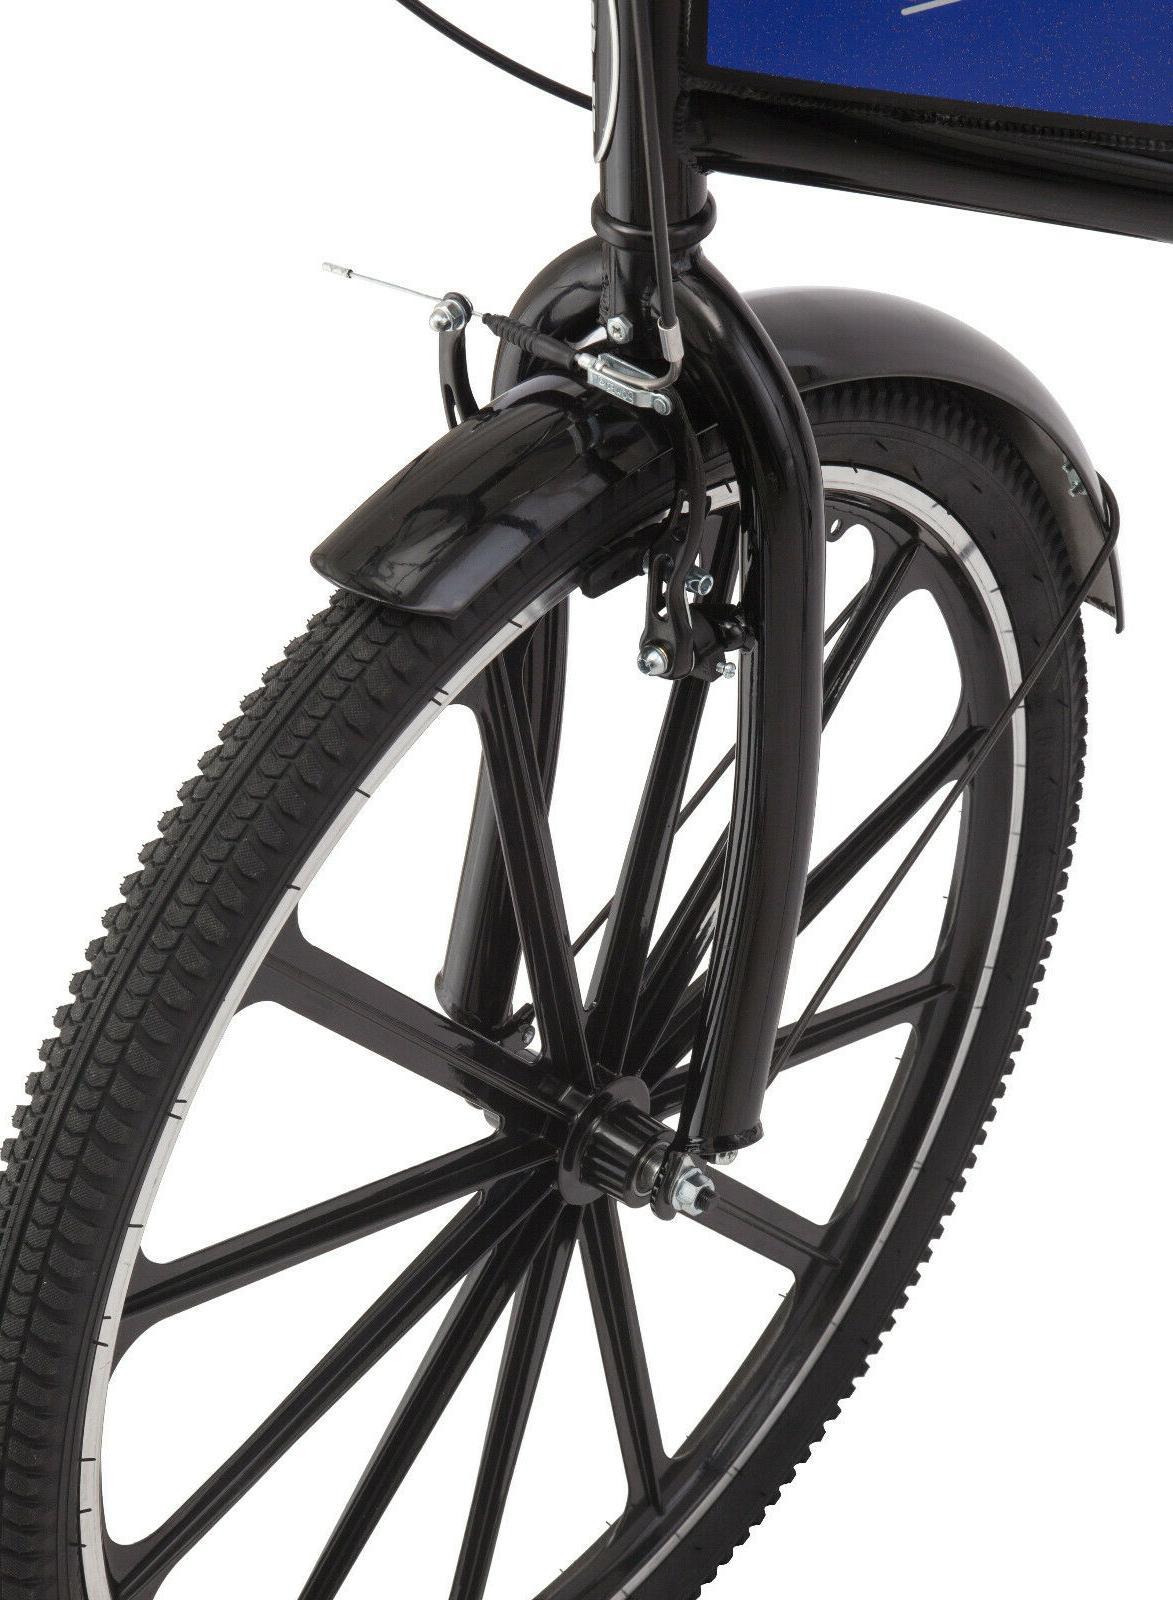 Schwinn Bike-Black/Blue